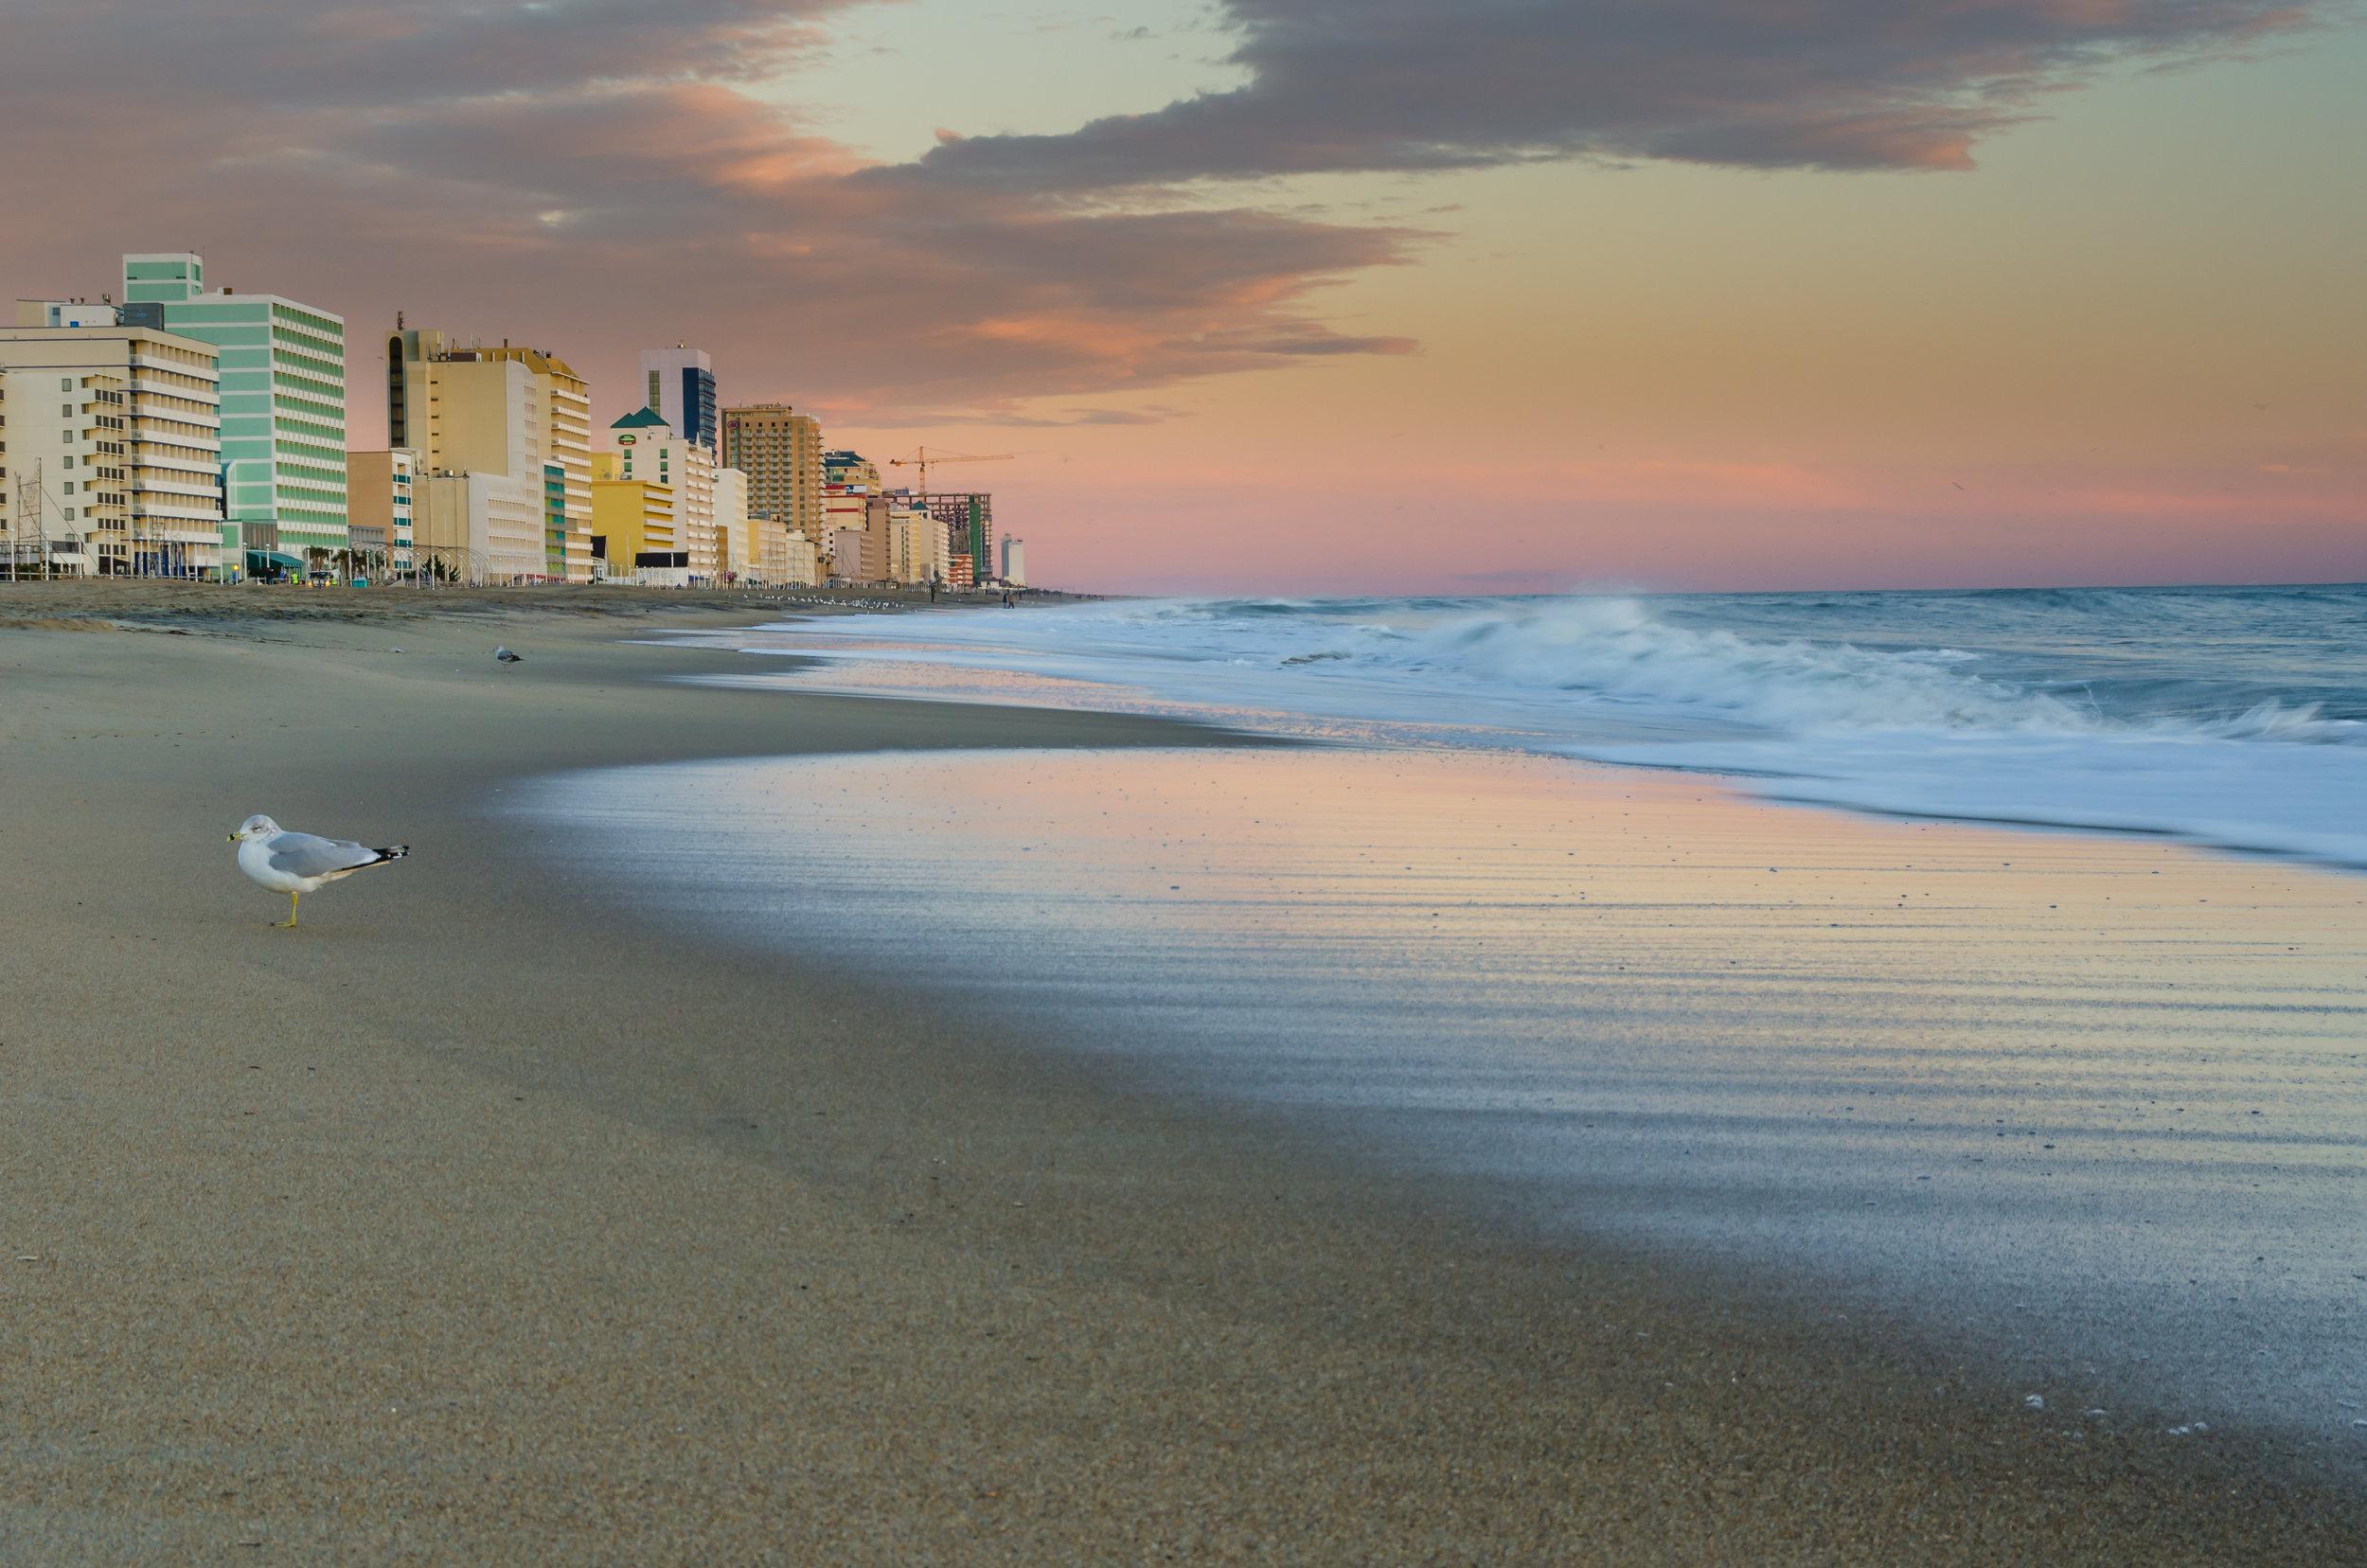 Virginia Beach Morning - A seagull enjoys the sunrise at the Virginia Beach Oceanfront in Virginia_.jpg